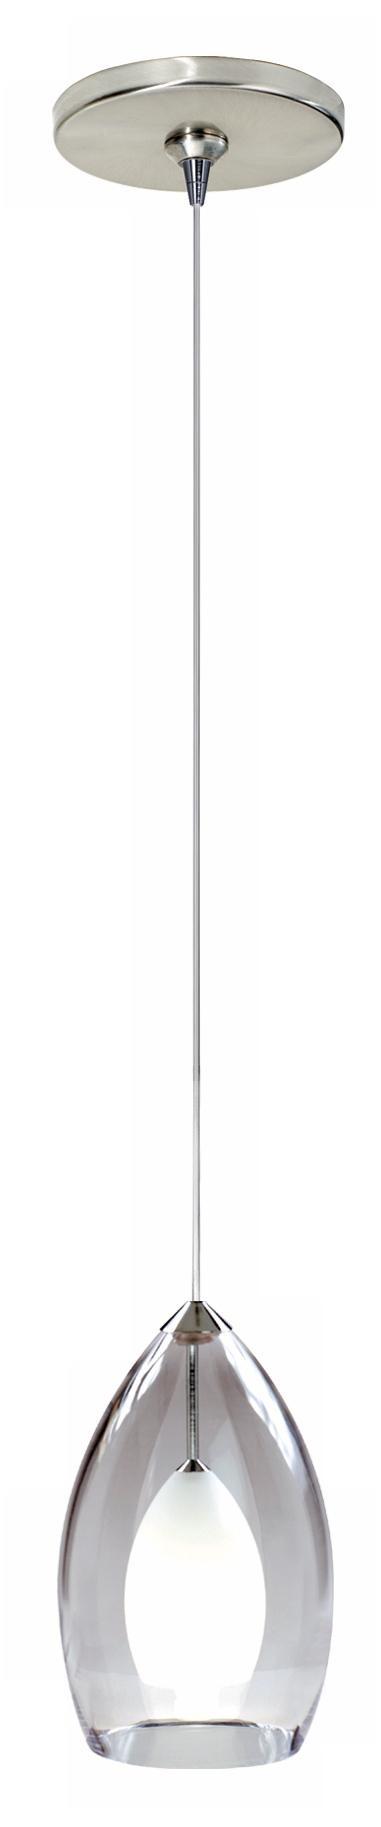 Inner fire glass tech lighting mini pendant